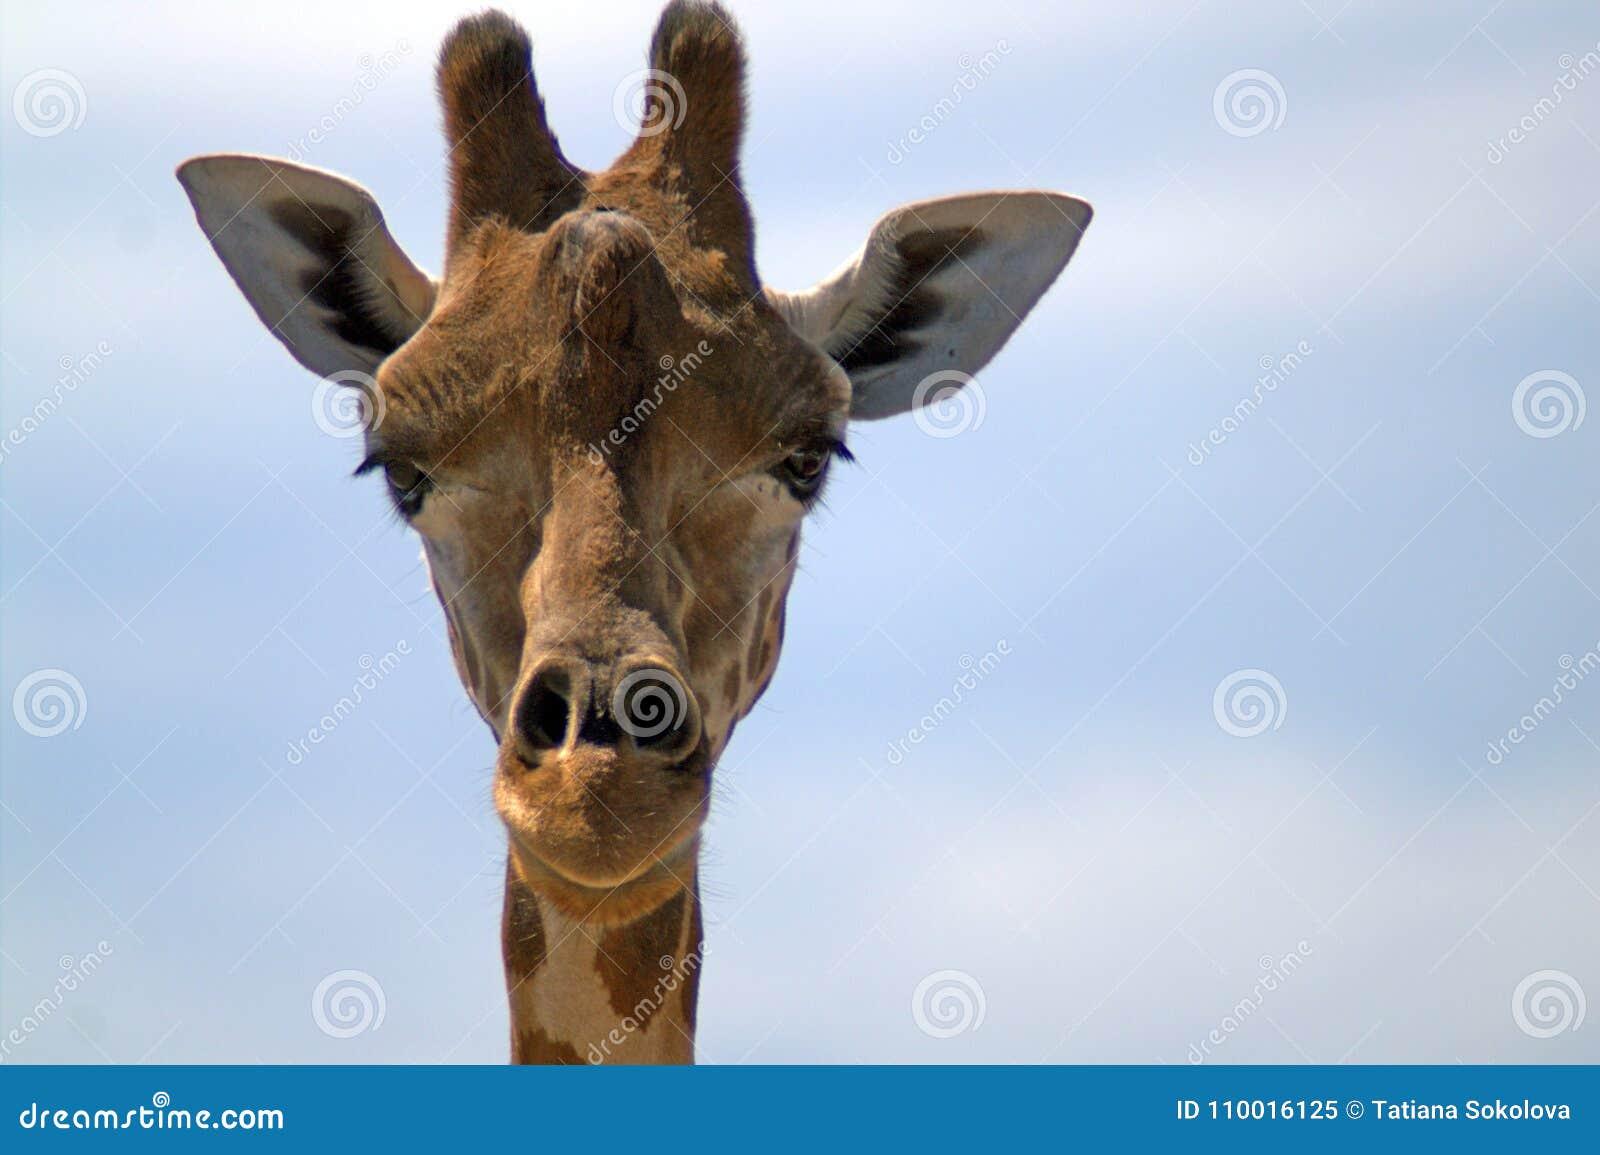 Ritratto di una giraffa nella parte anteriore contro il cielo